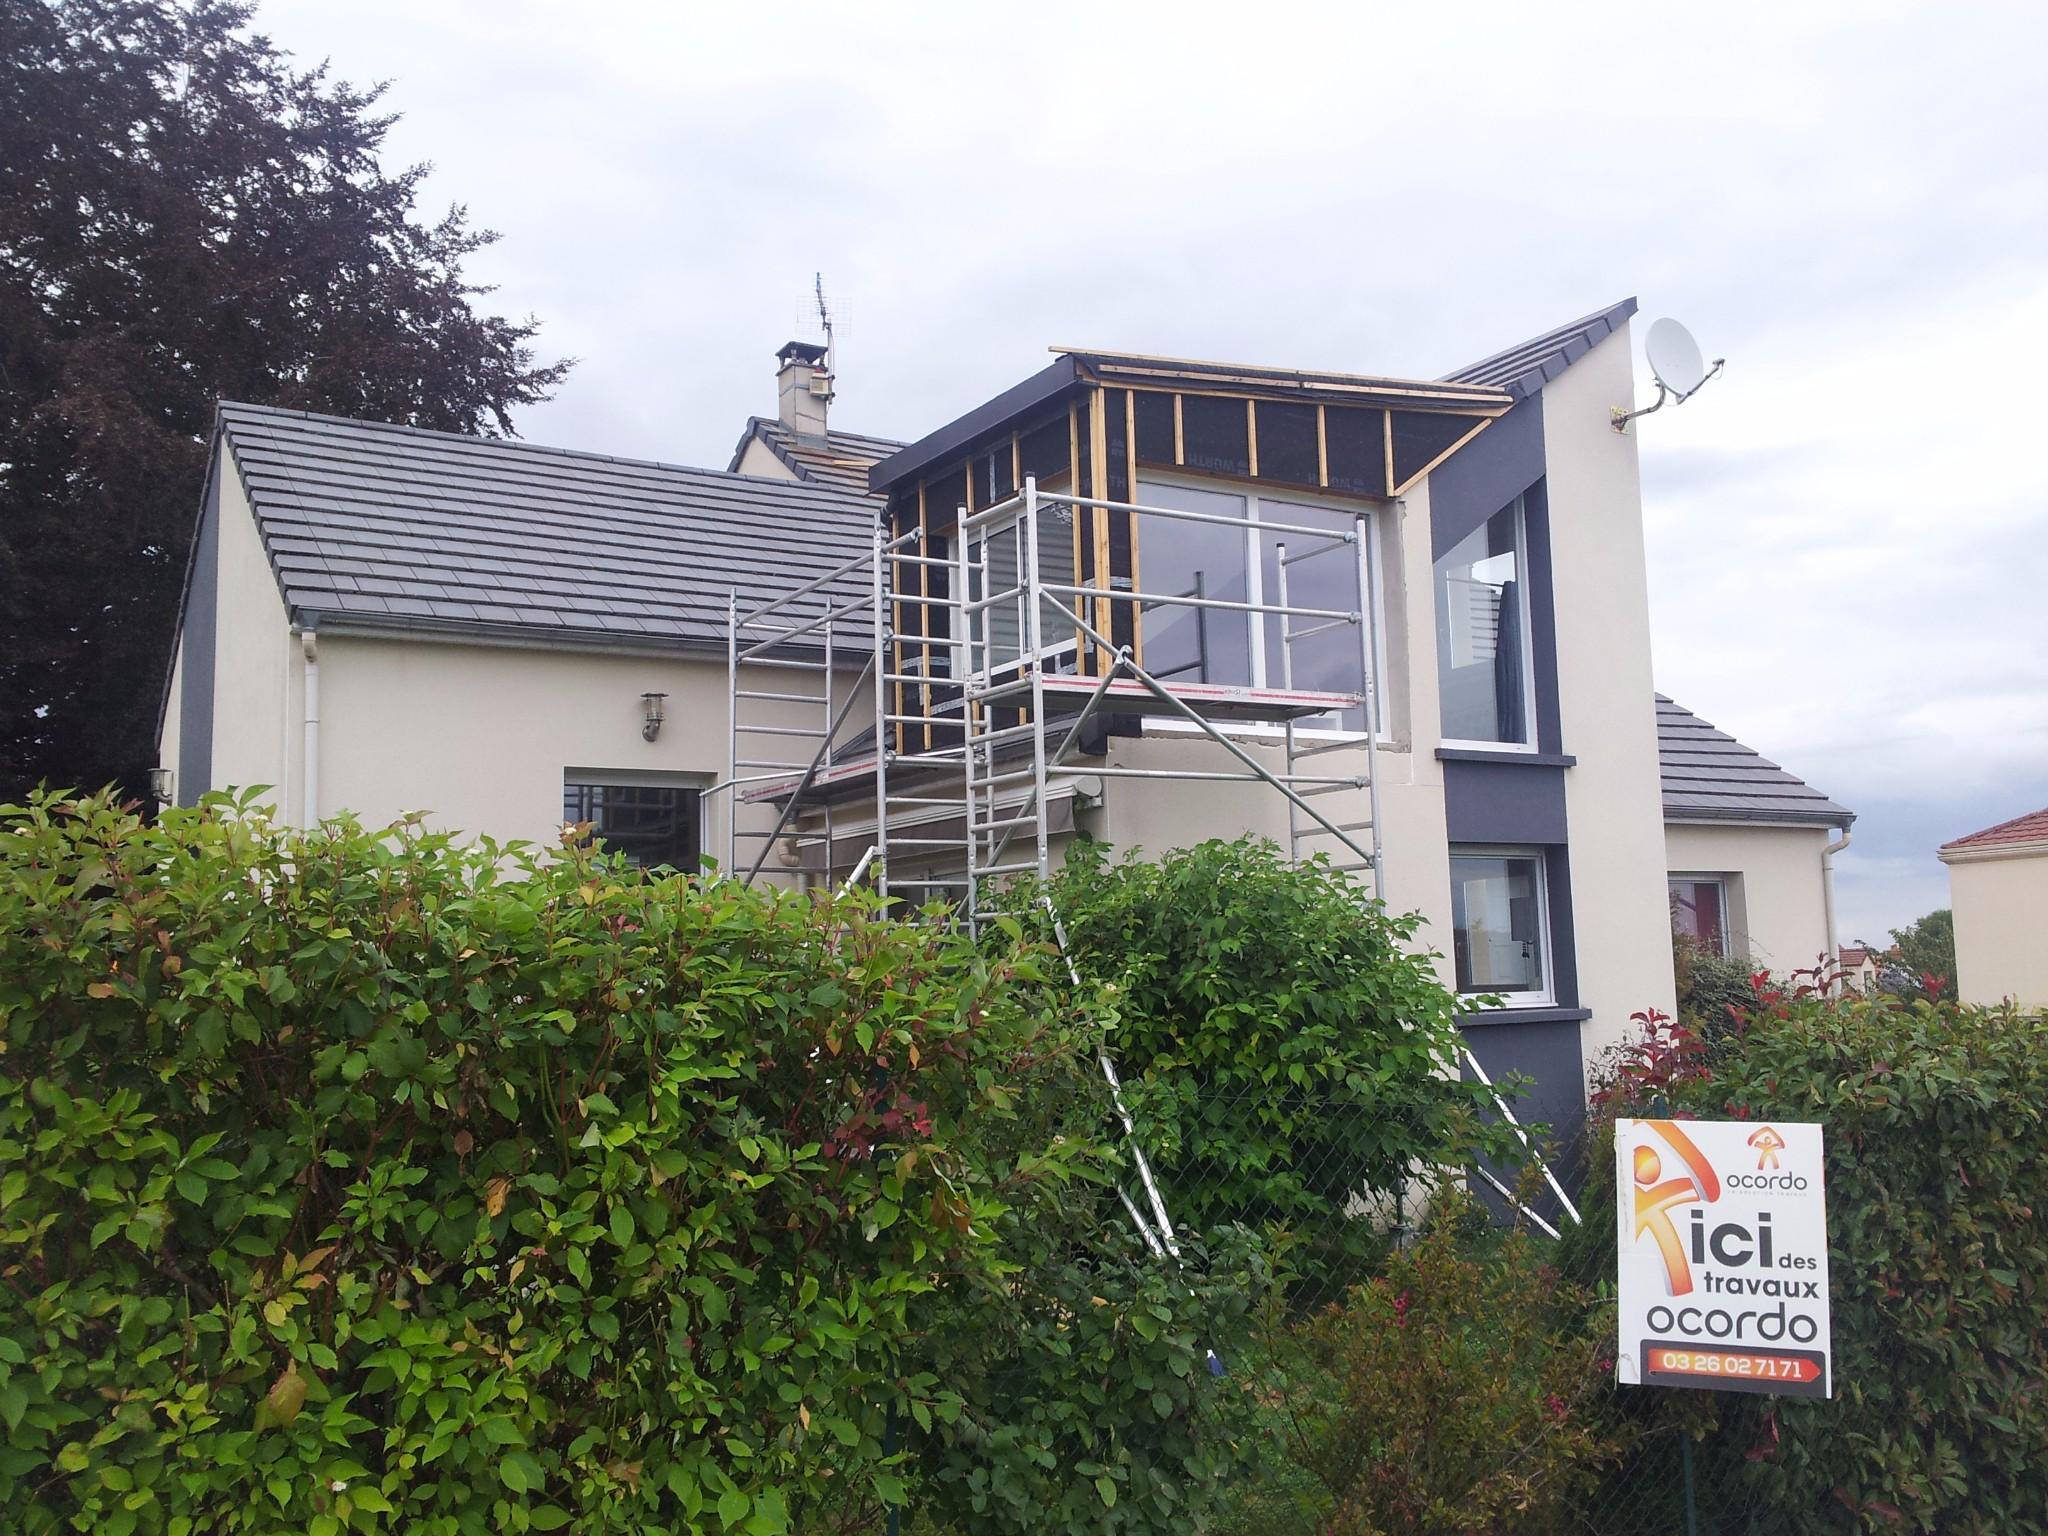 Constructeur maison reims for Constructeur maison witry les reims